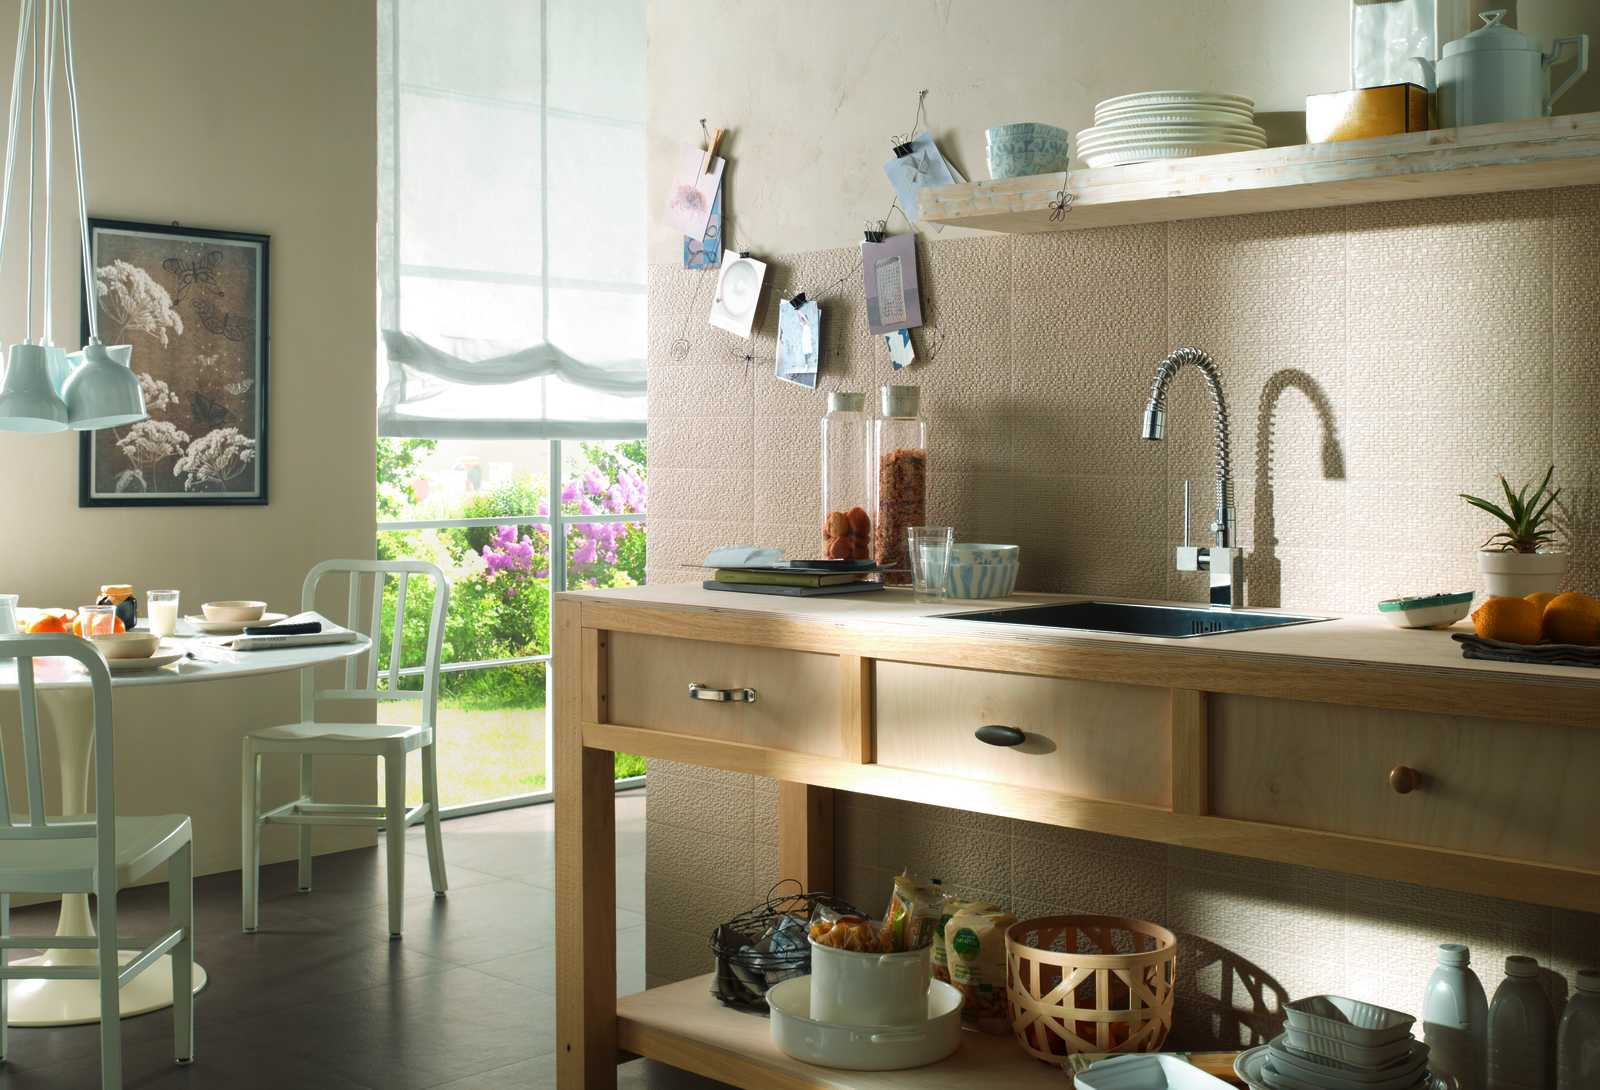 Piastrelle cucina idee in ceramica e gres marazzi - Mattonelle per cucina ...